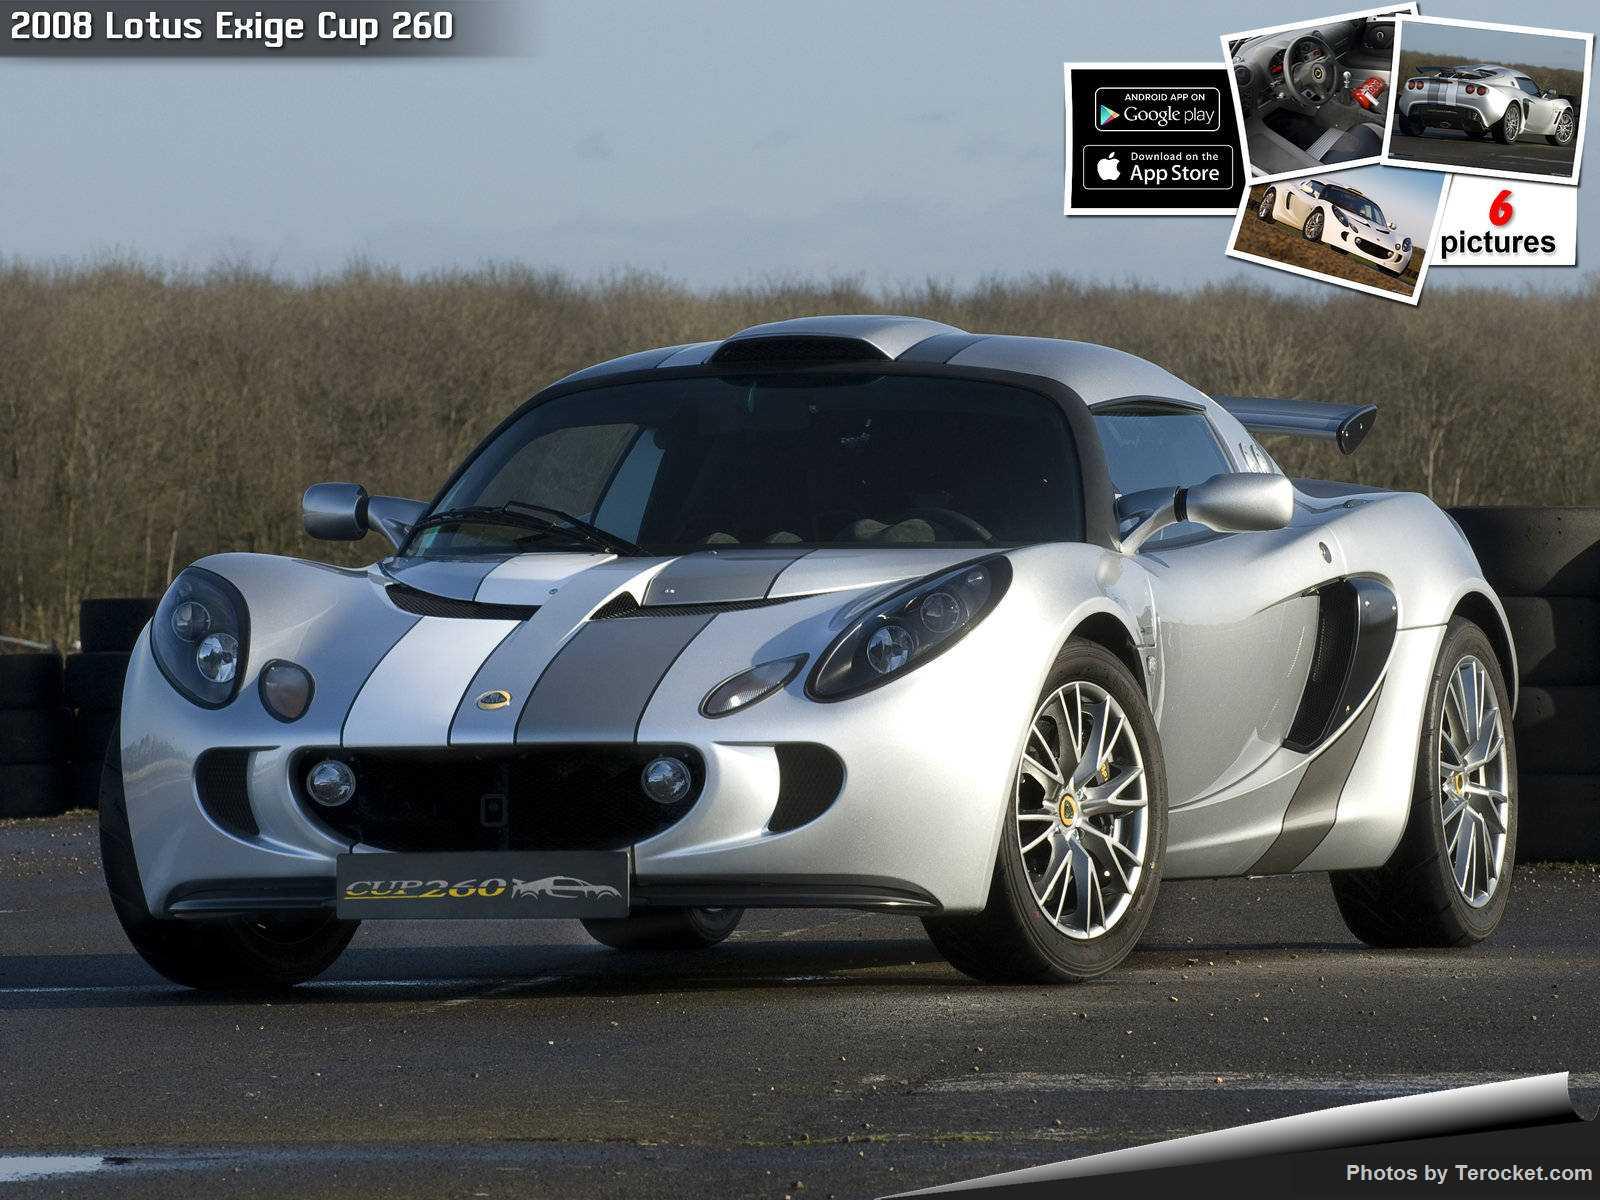 Hình ảnh siêu xe Lotus Exige Cup 260 2008 & nội ngoại thất